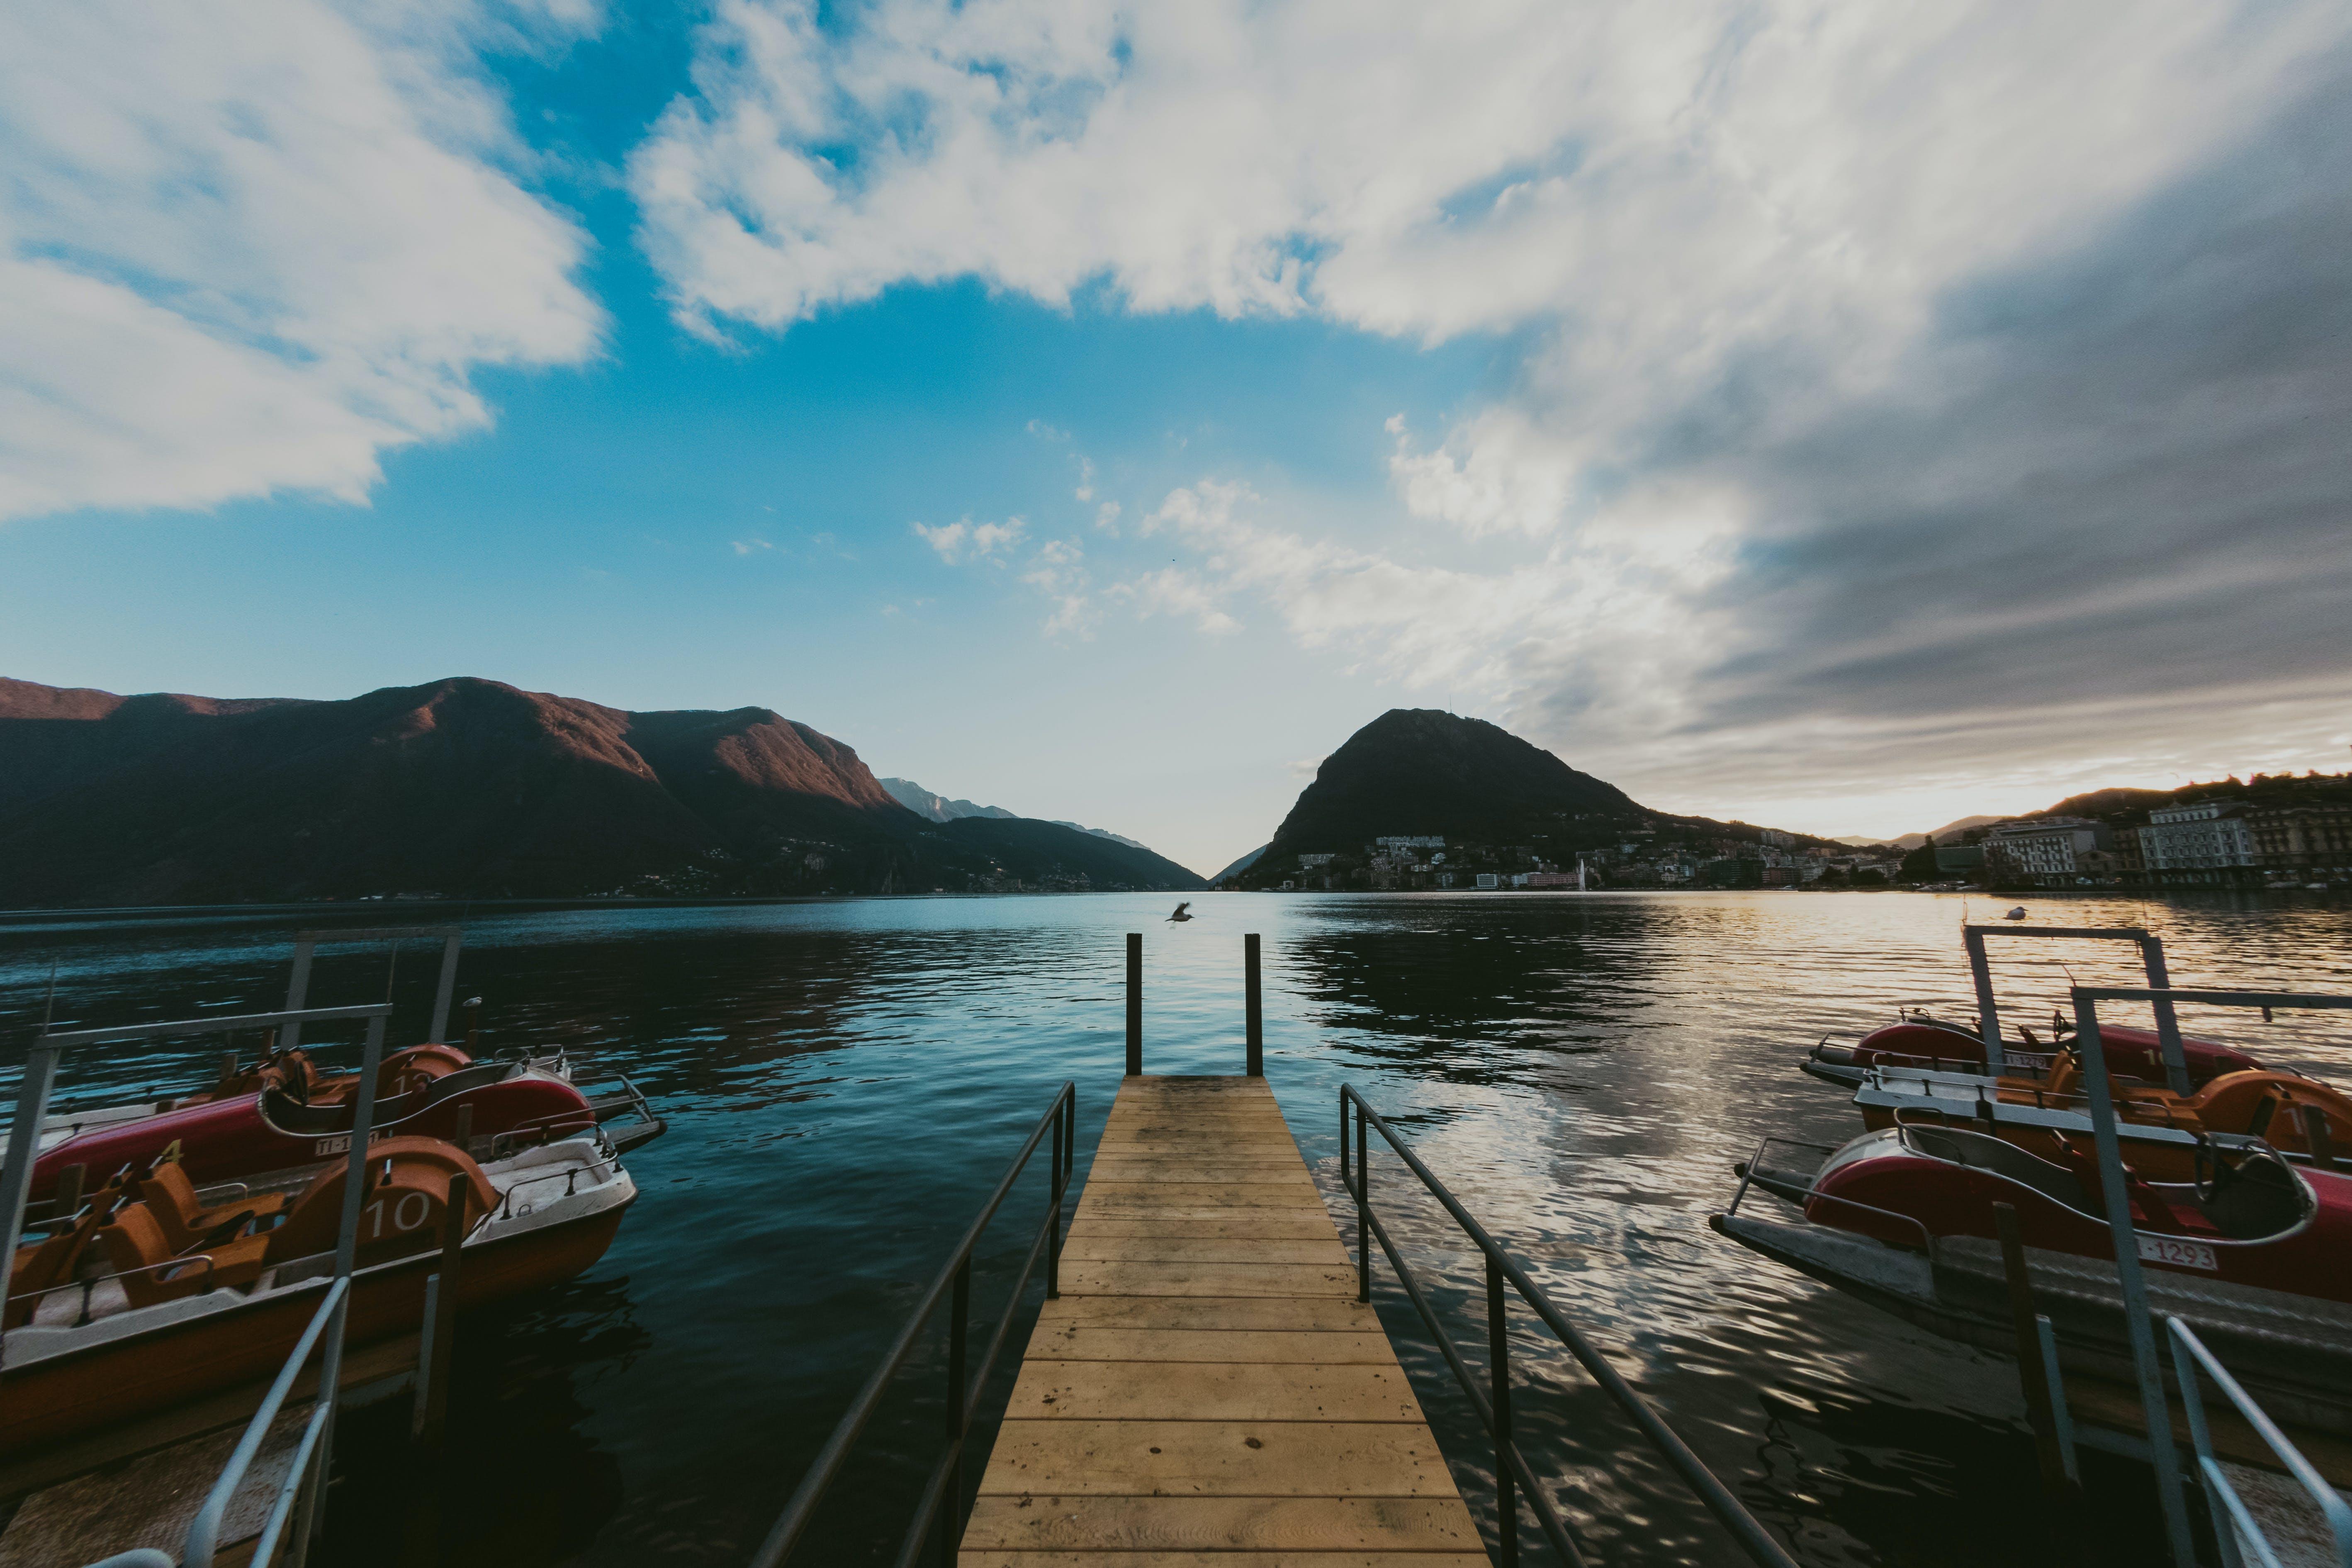 シースケープ, ベイ, ボート, レクリエーションの無料の写真素材